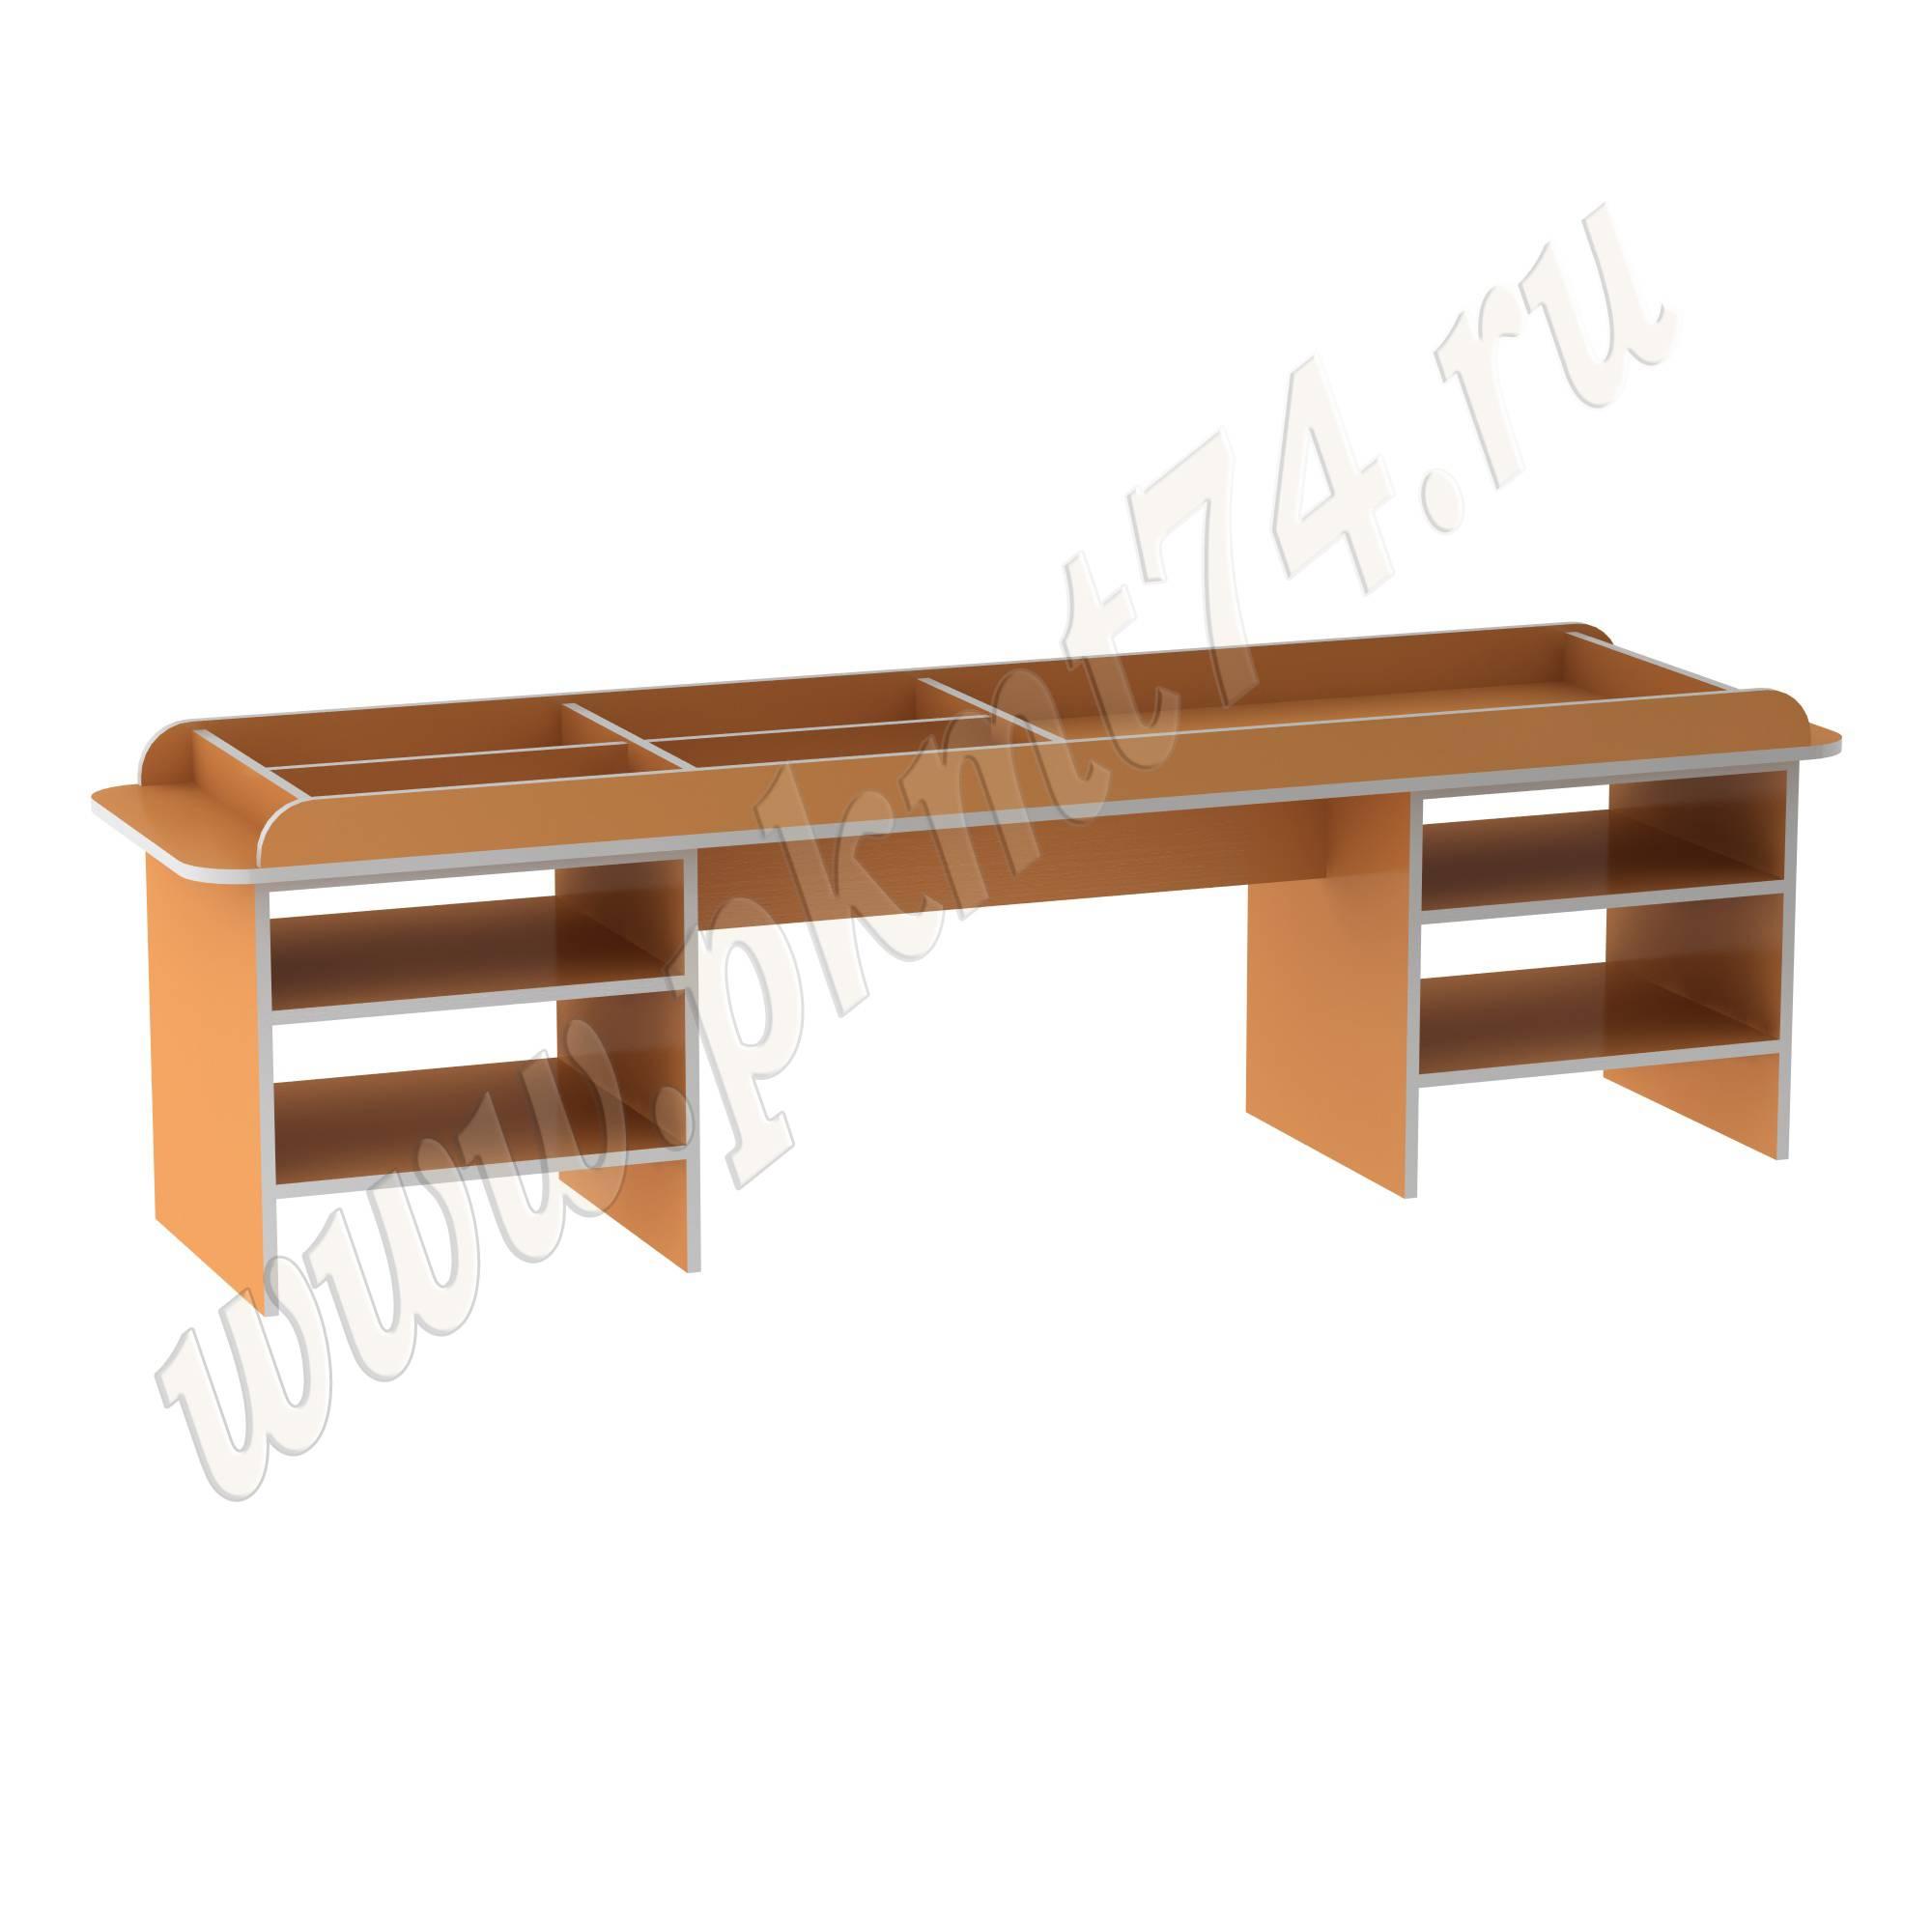 Стол для дидактических занятий с детьми МТ 17-68 Оранжевый